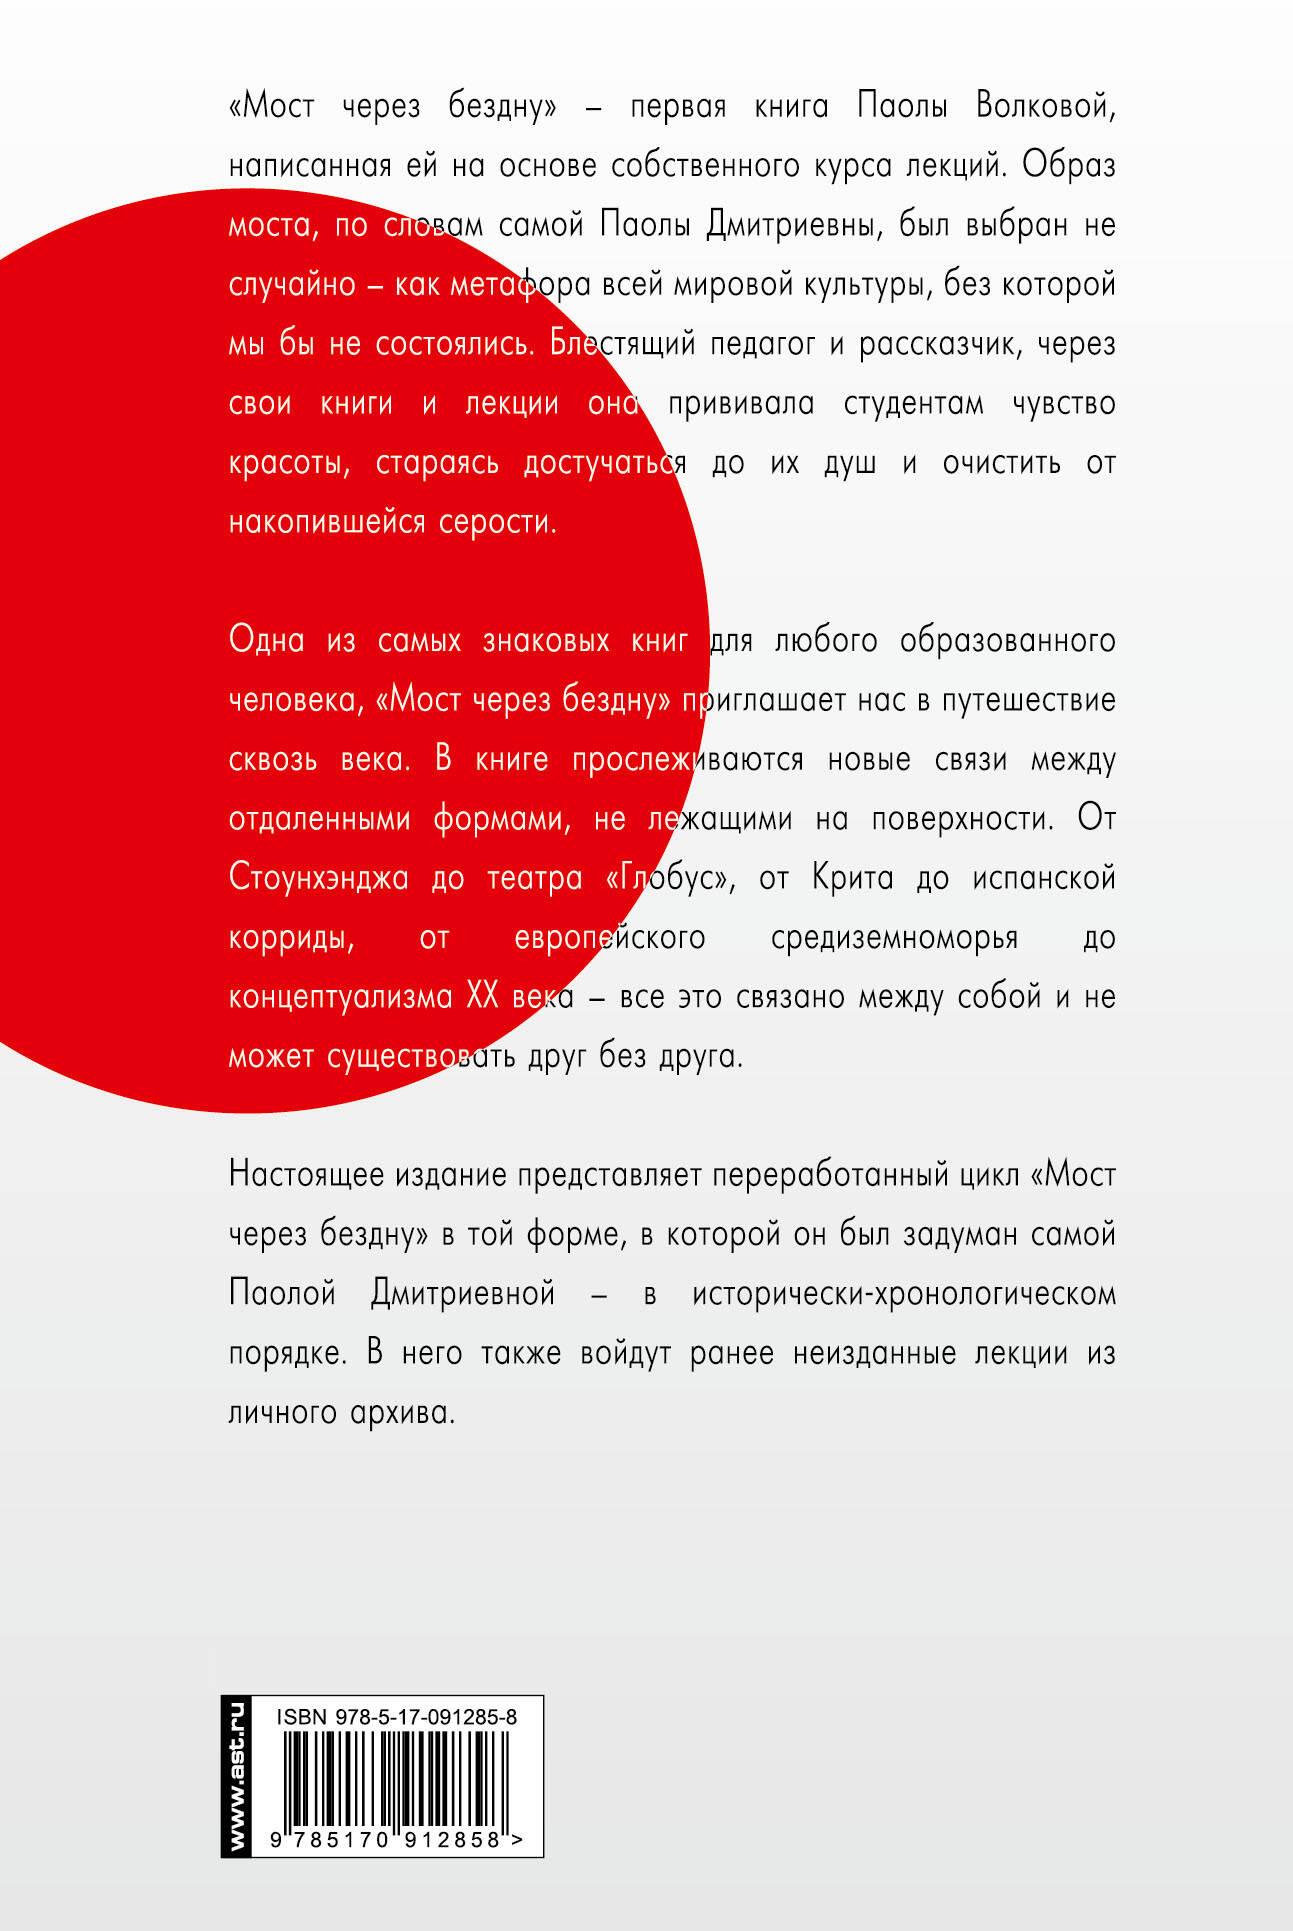 Русский язык 1 класс 1 часть канакина горецкий читать